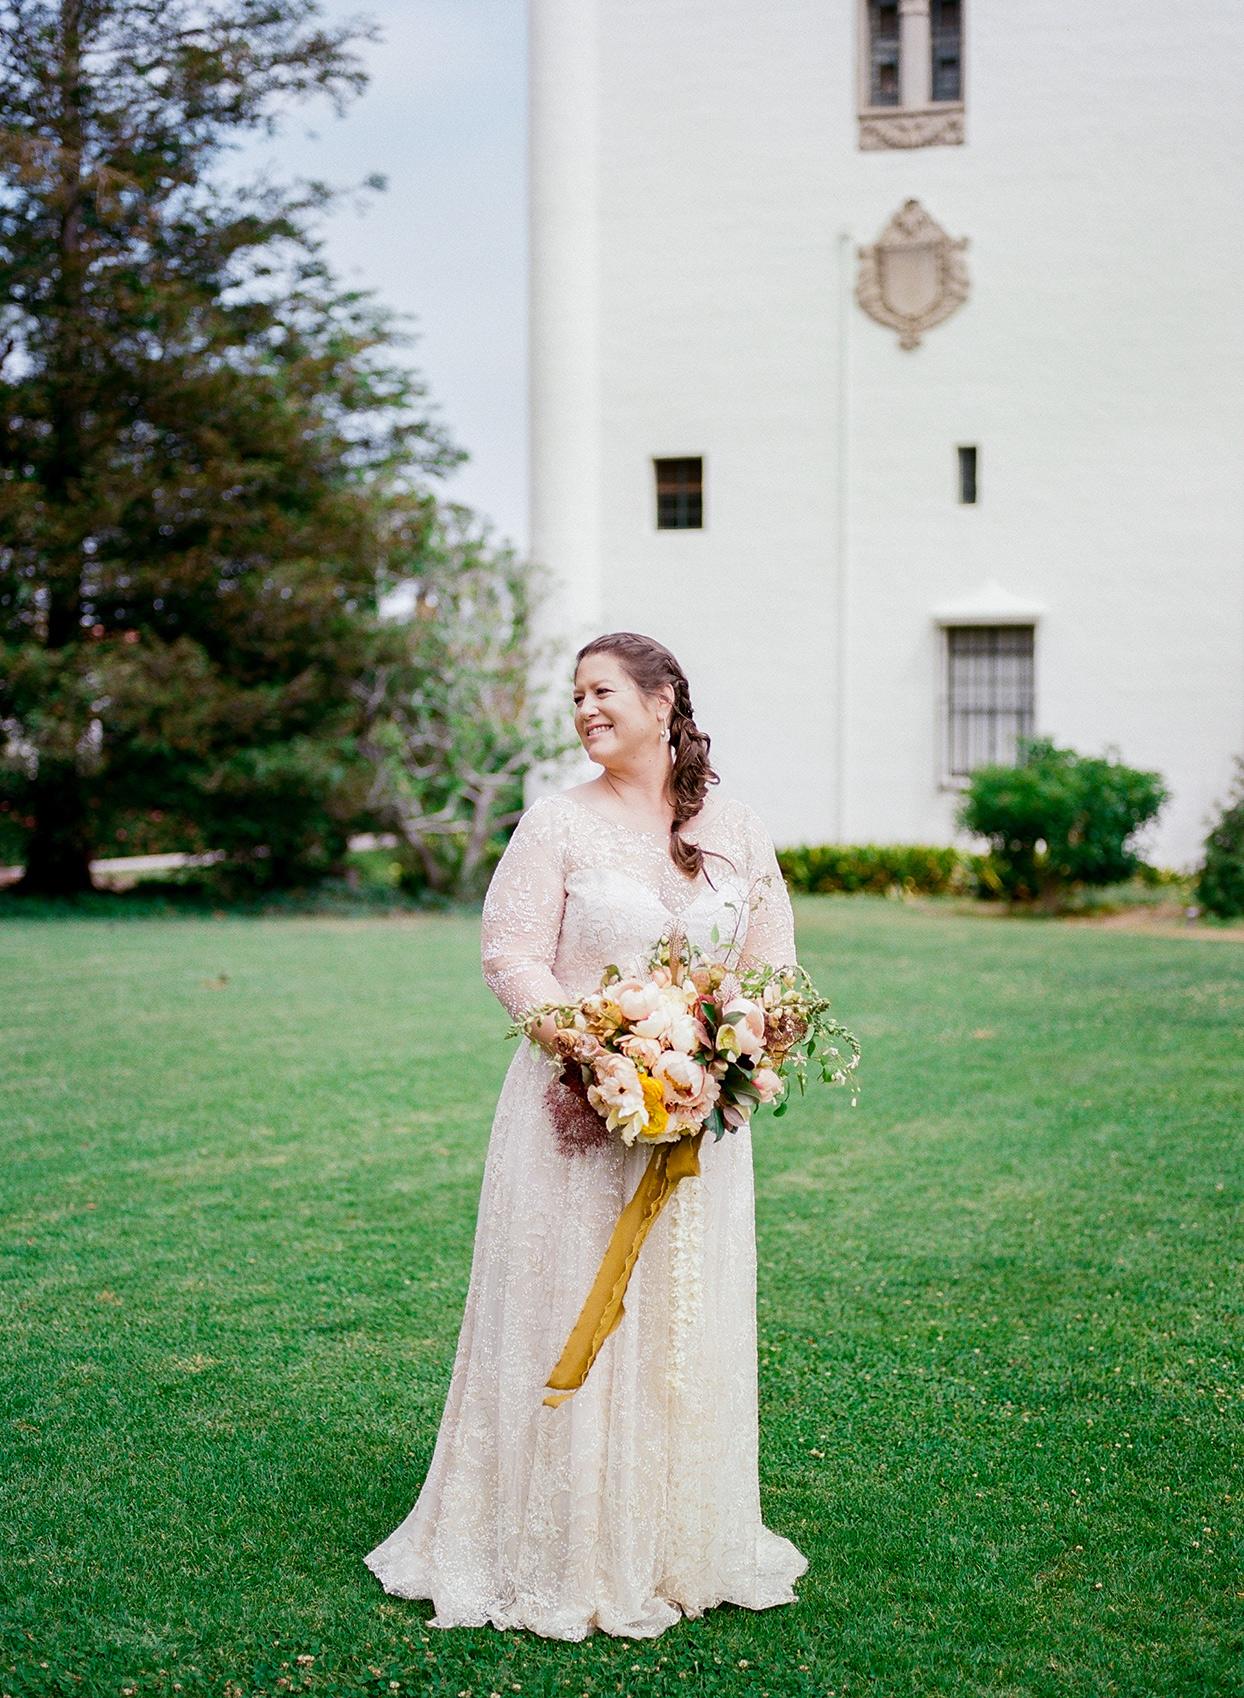 nina devon wedding bride on lawn